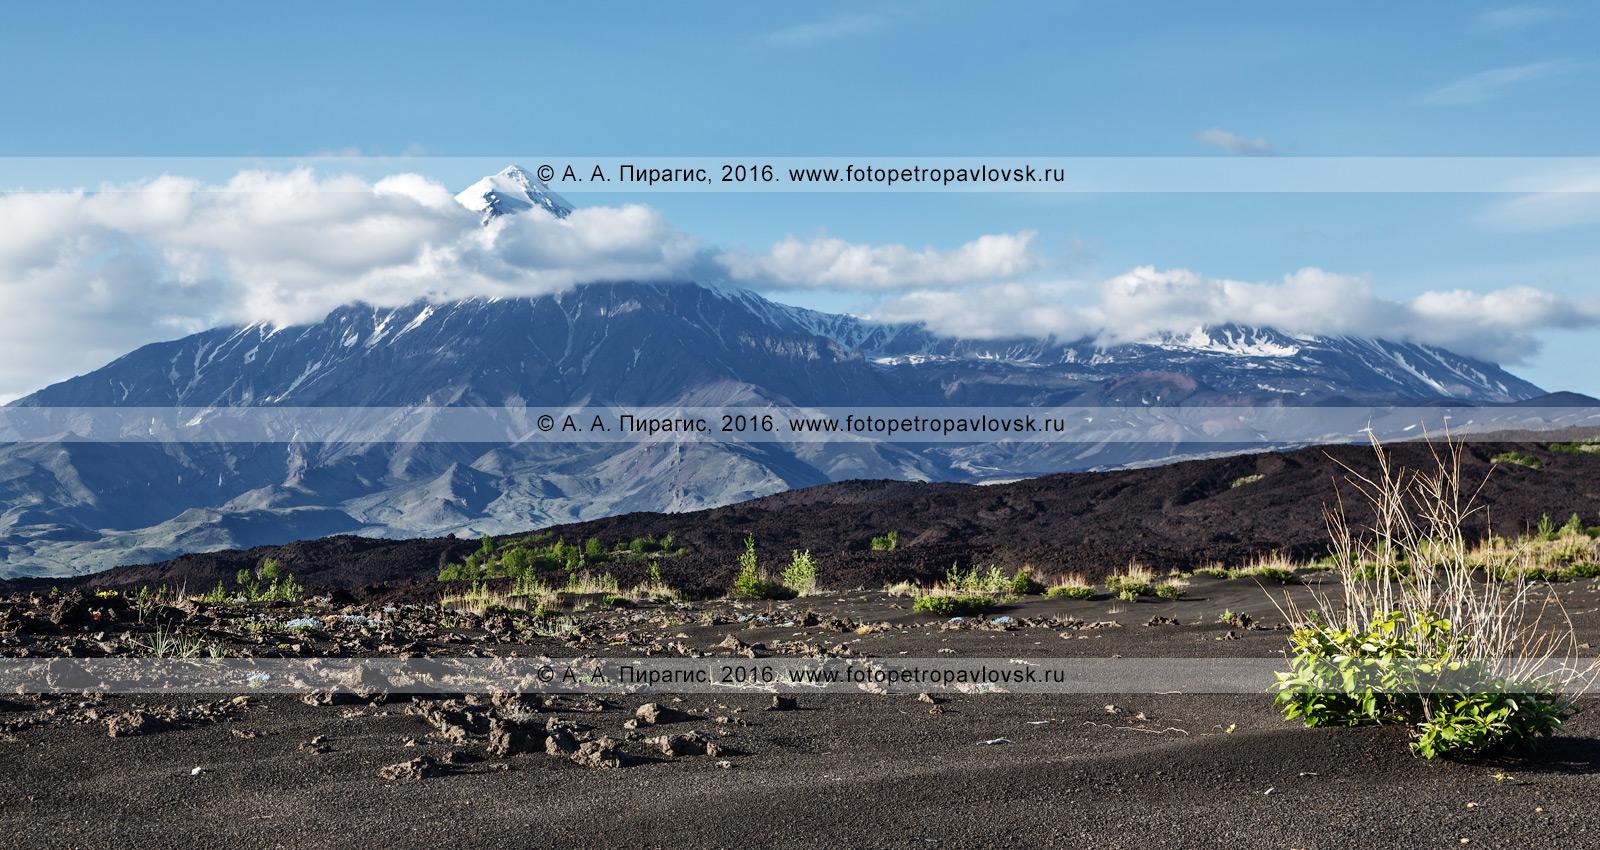 Фотография: панорамный вид на Толбачинский вулканический массив — вулкан Острый Толбачик и вулкан Плоский Толбачик. Камчатка, Ключевская группа вулканов